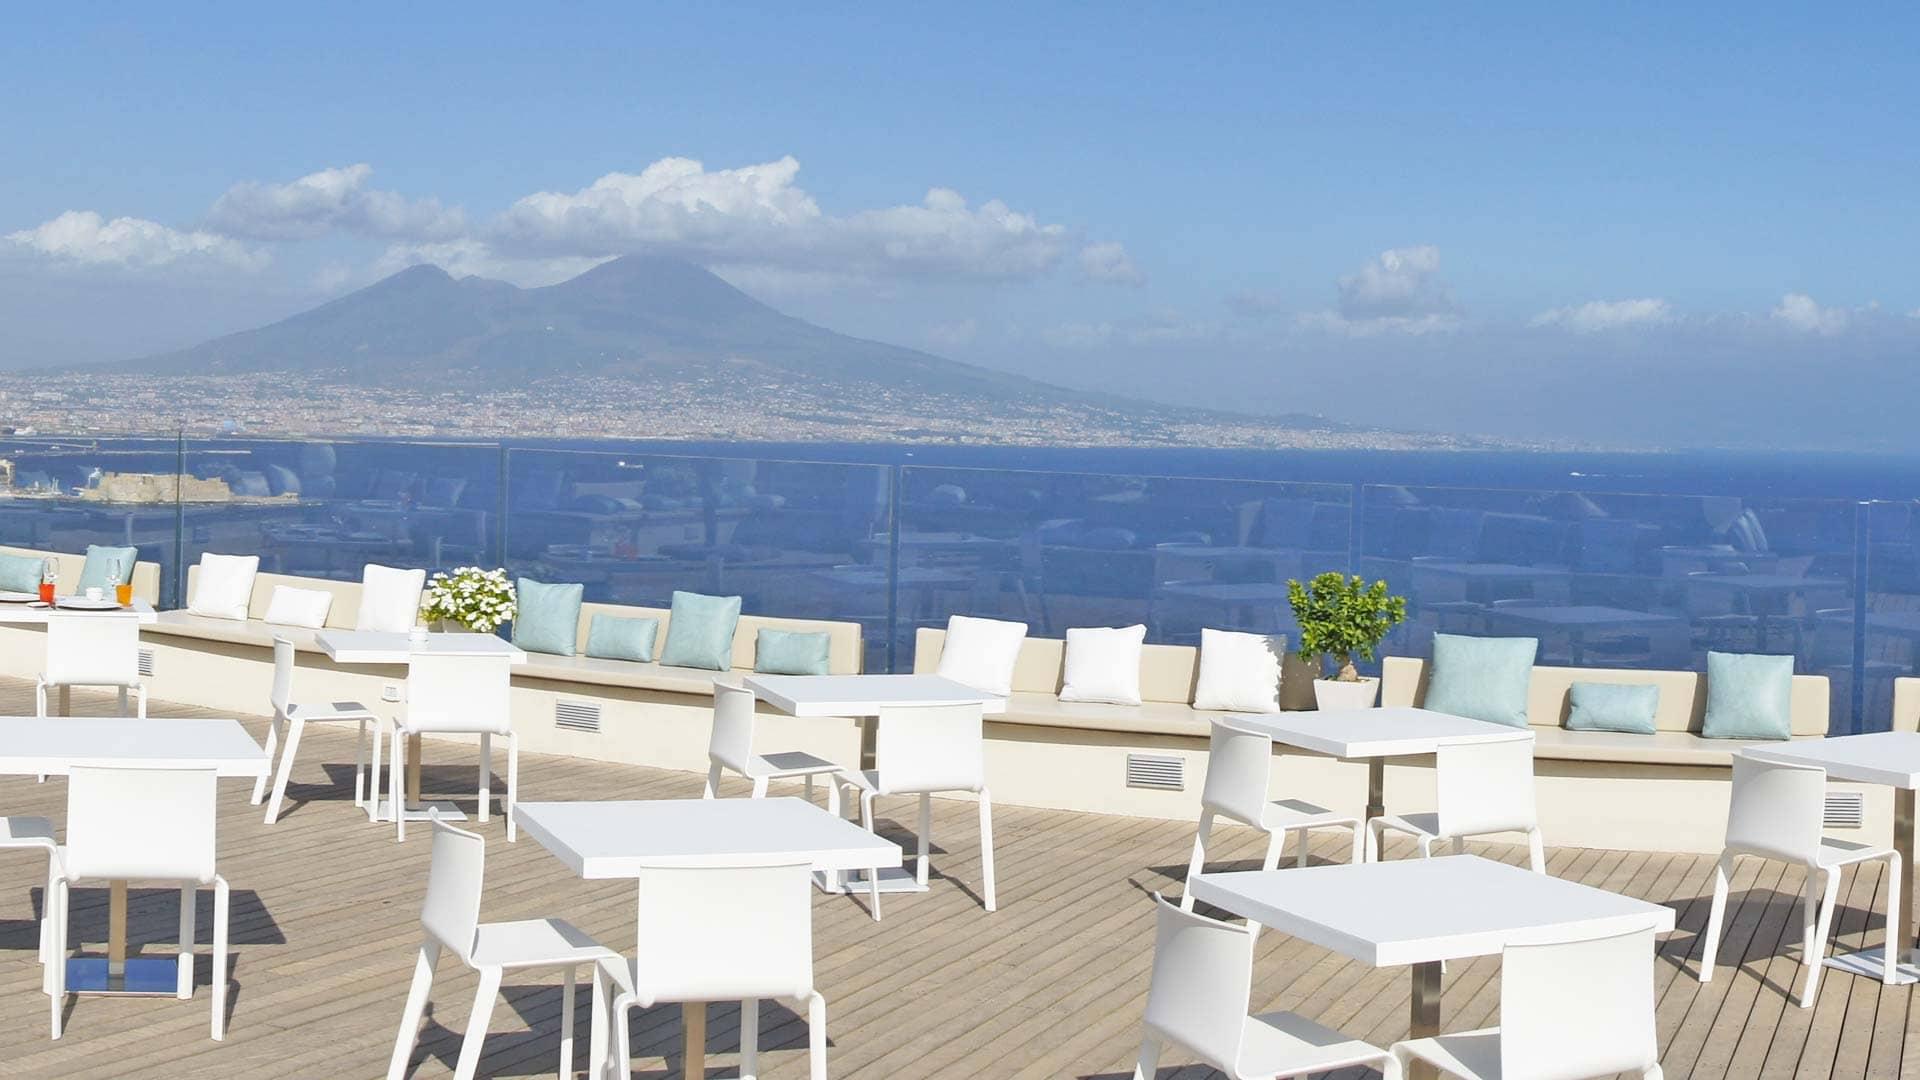 Matrimoni Spiaggia Napoli : Le migliori ville per matrimonio a napoli grande e perna